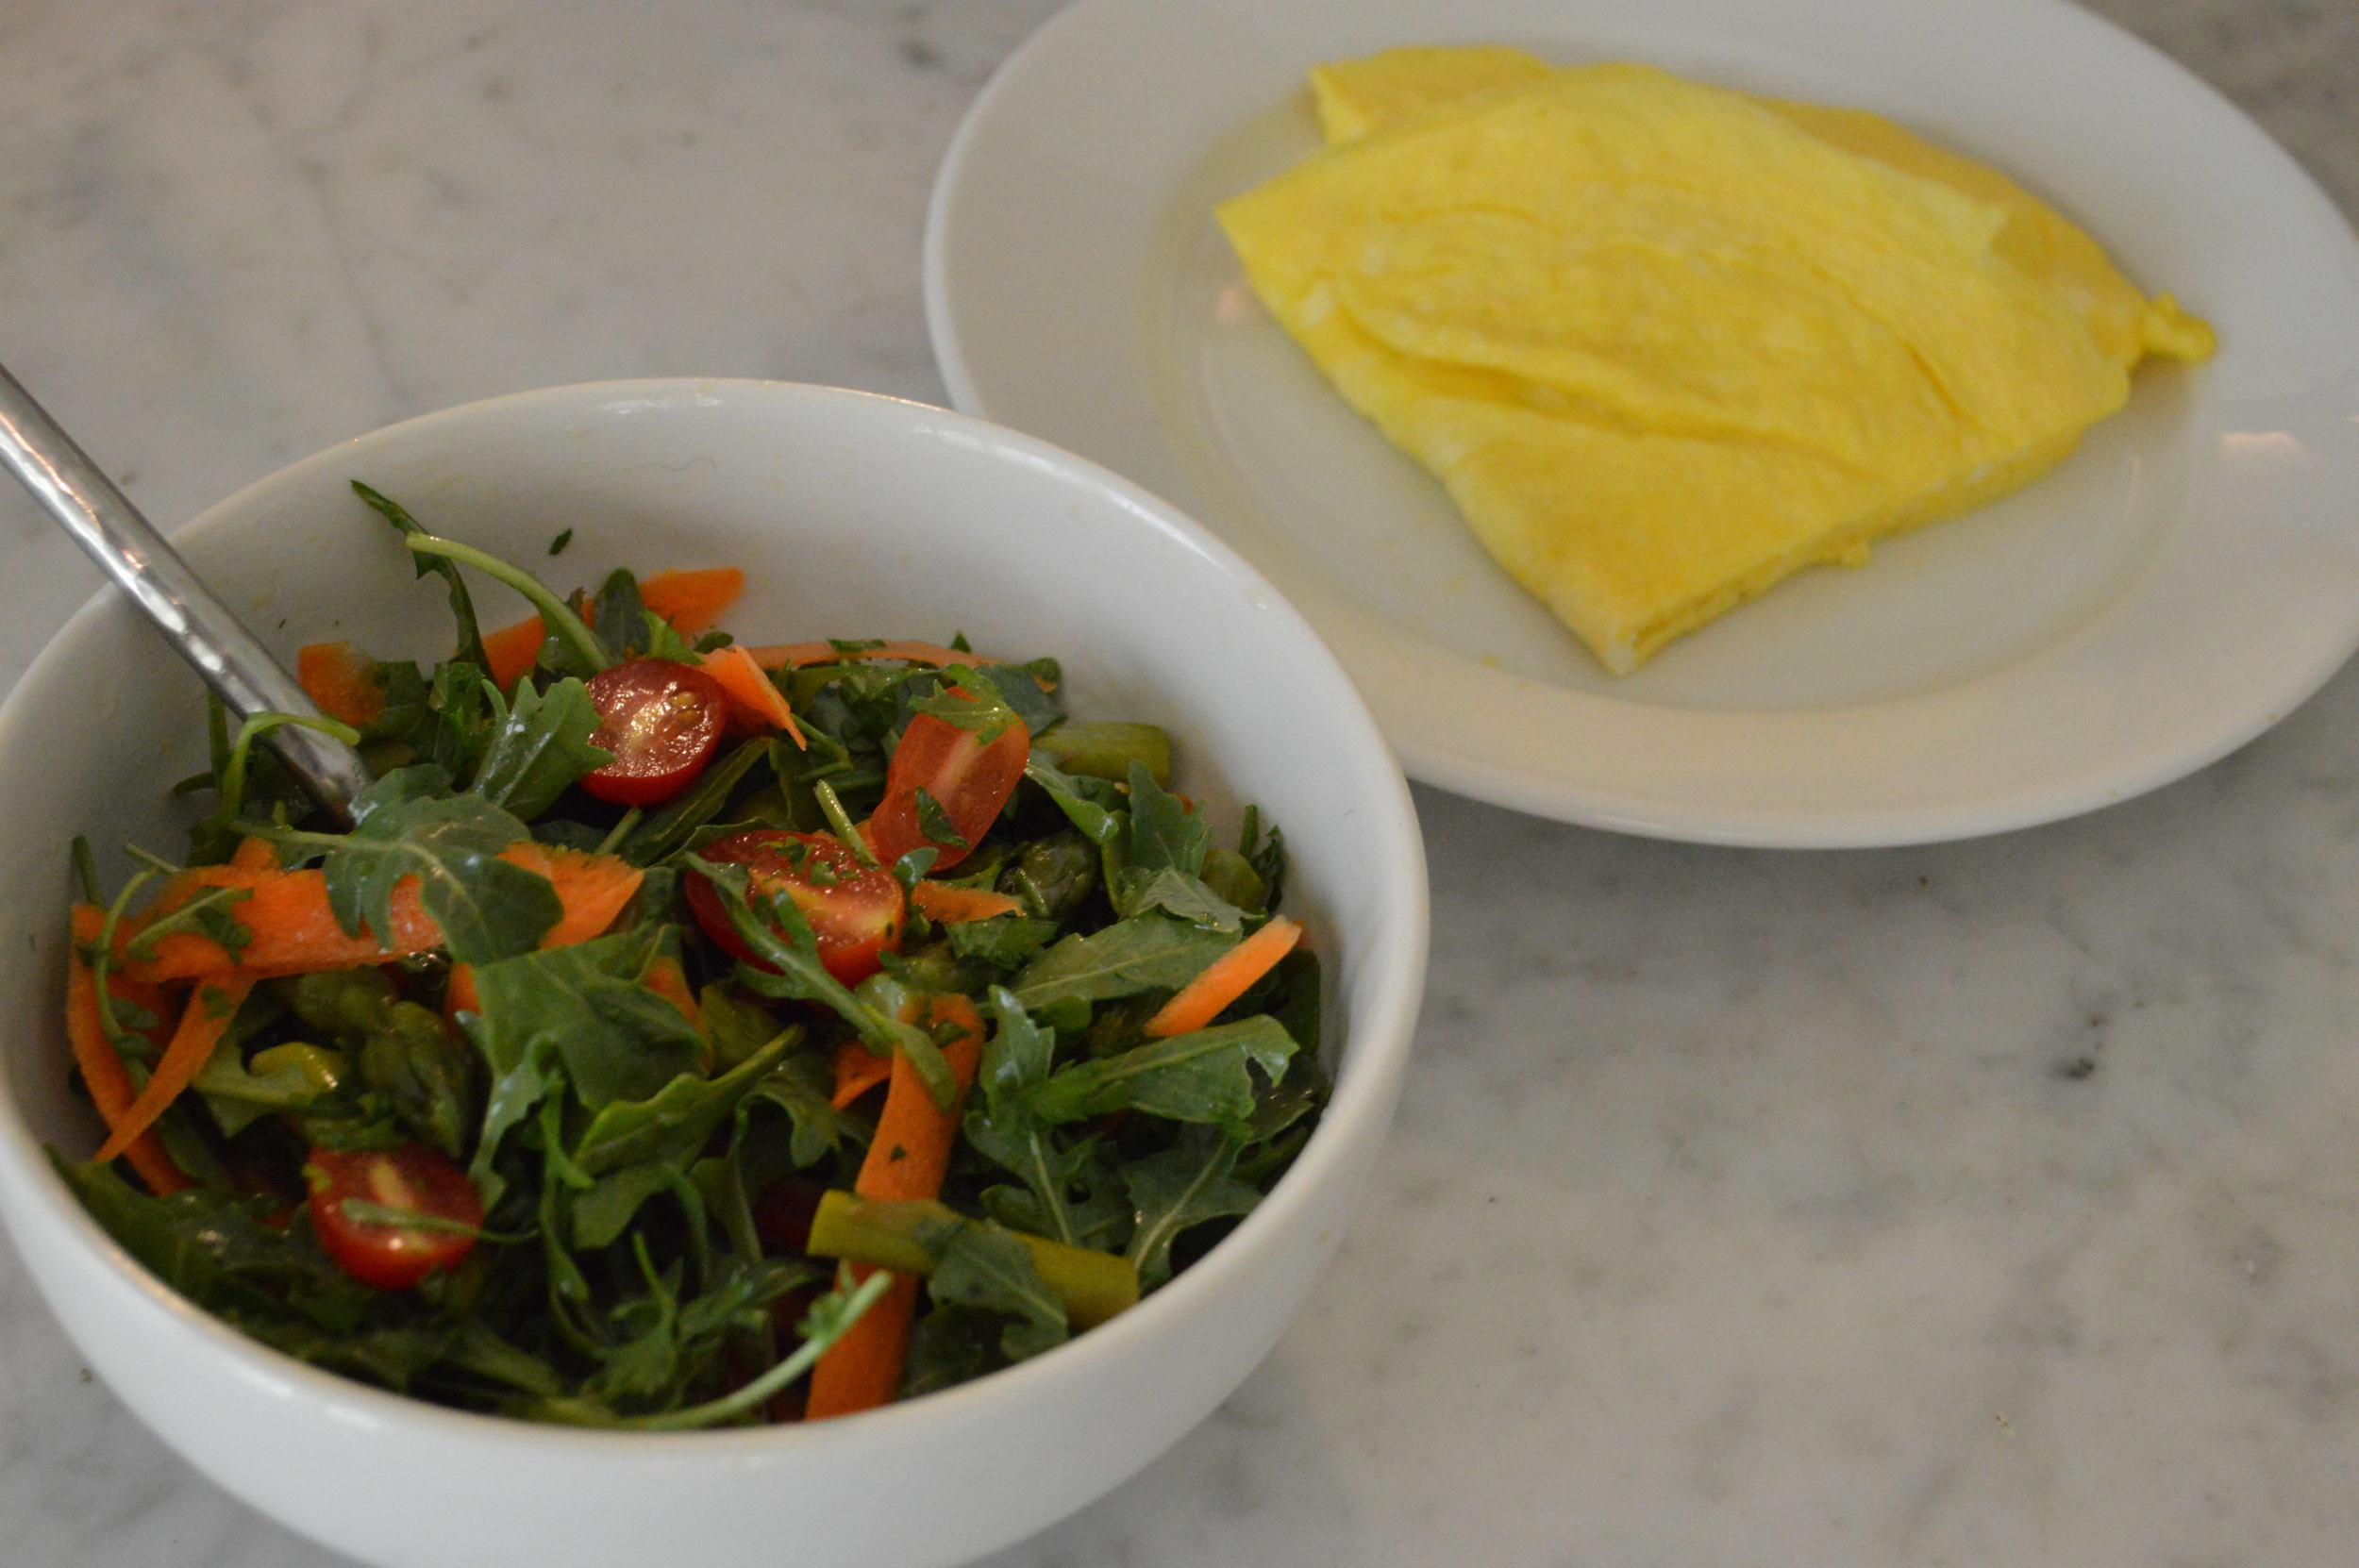 eggs + arugala salad